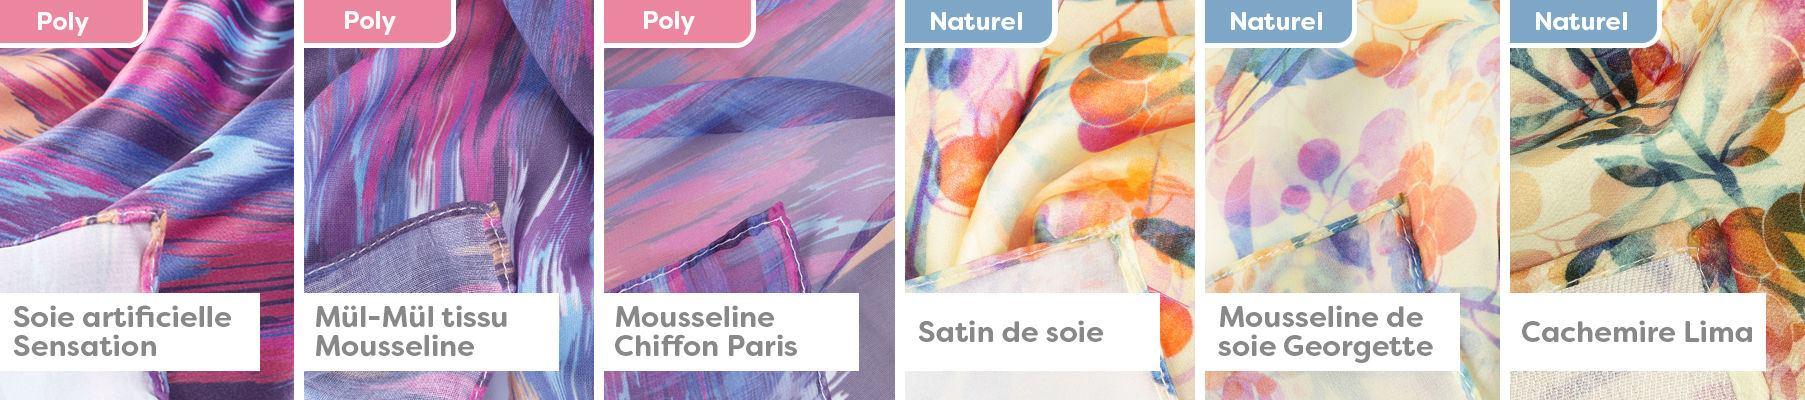 Type de Tissus Foulards Soie Bannière